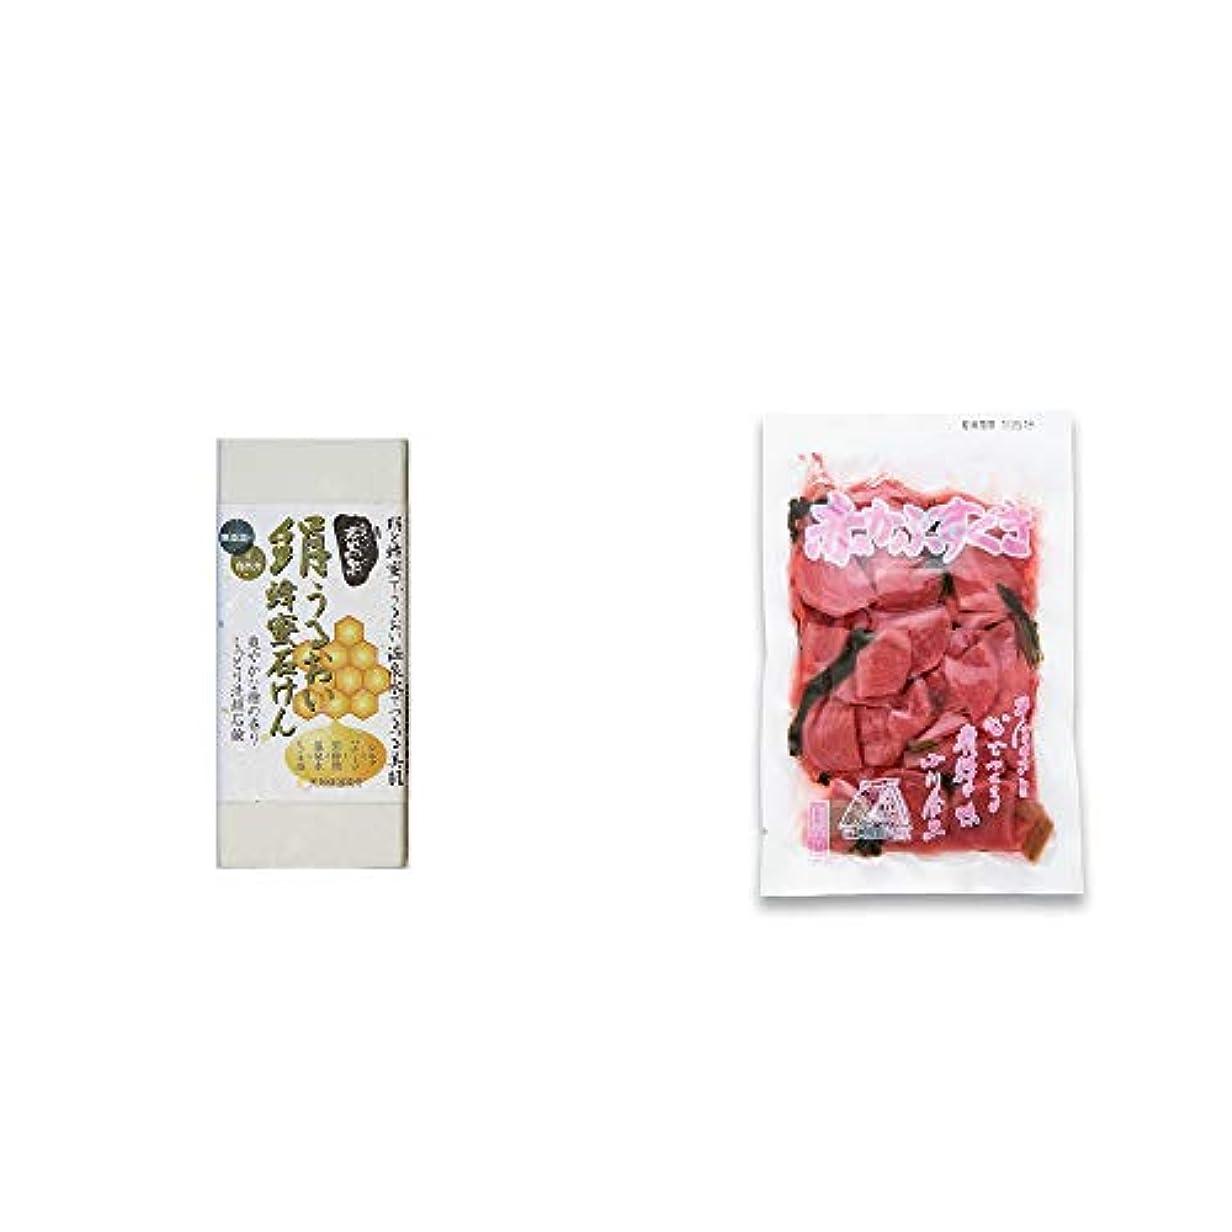 直感痛みいわゆる[2点セット] ひのき炭黒泉 絹うるおい蜂蜜石けん(75g×2)?赤かぶすぐき(160g)